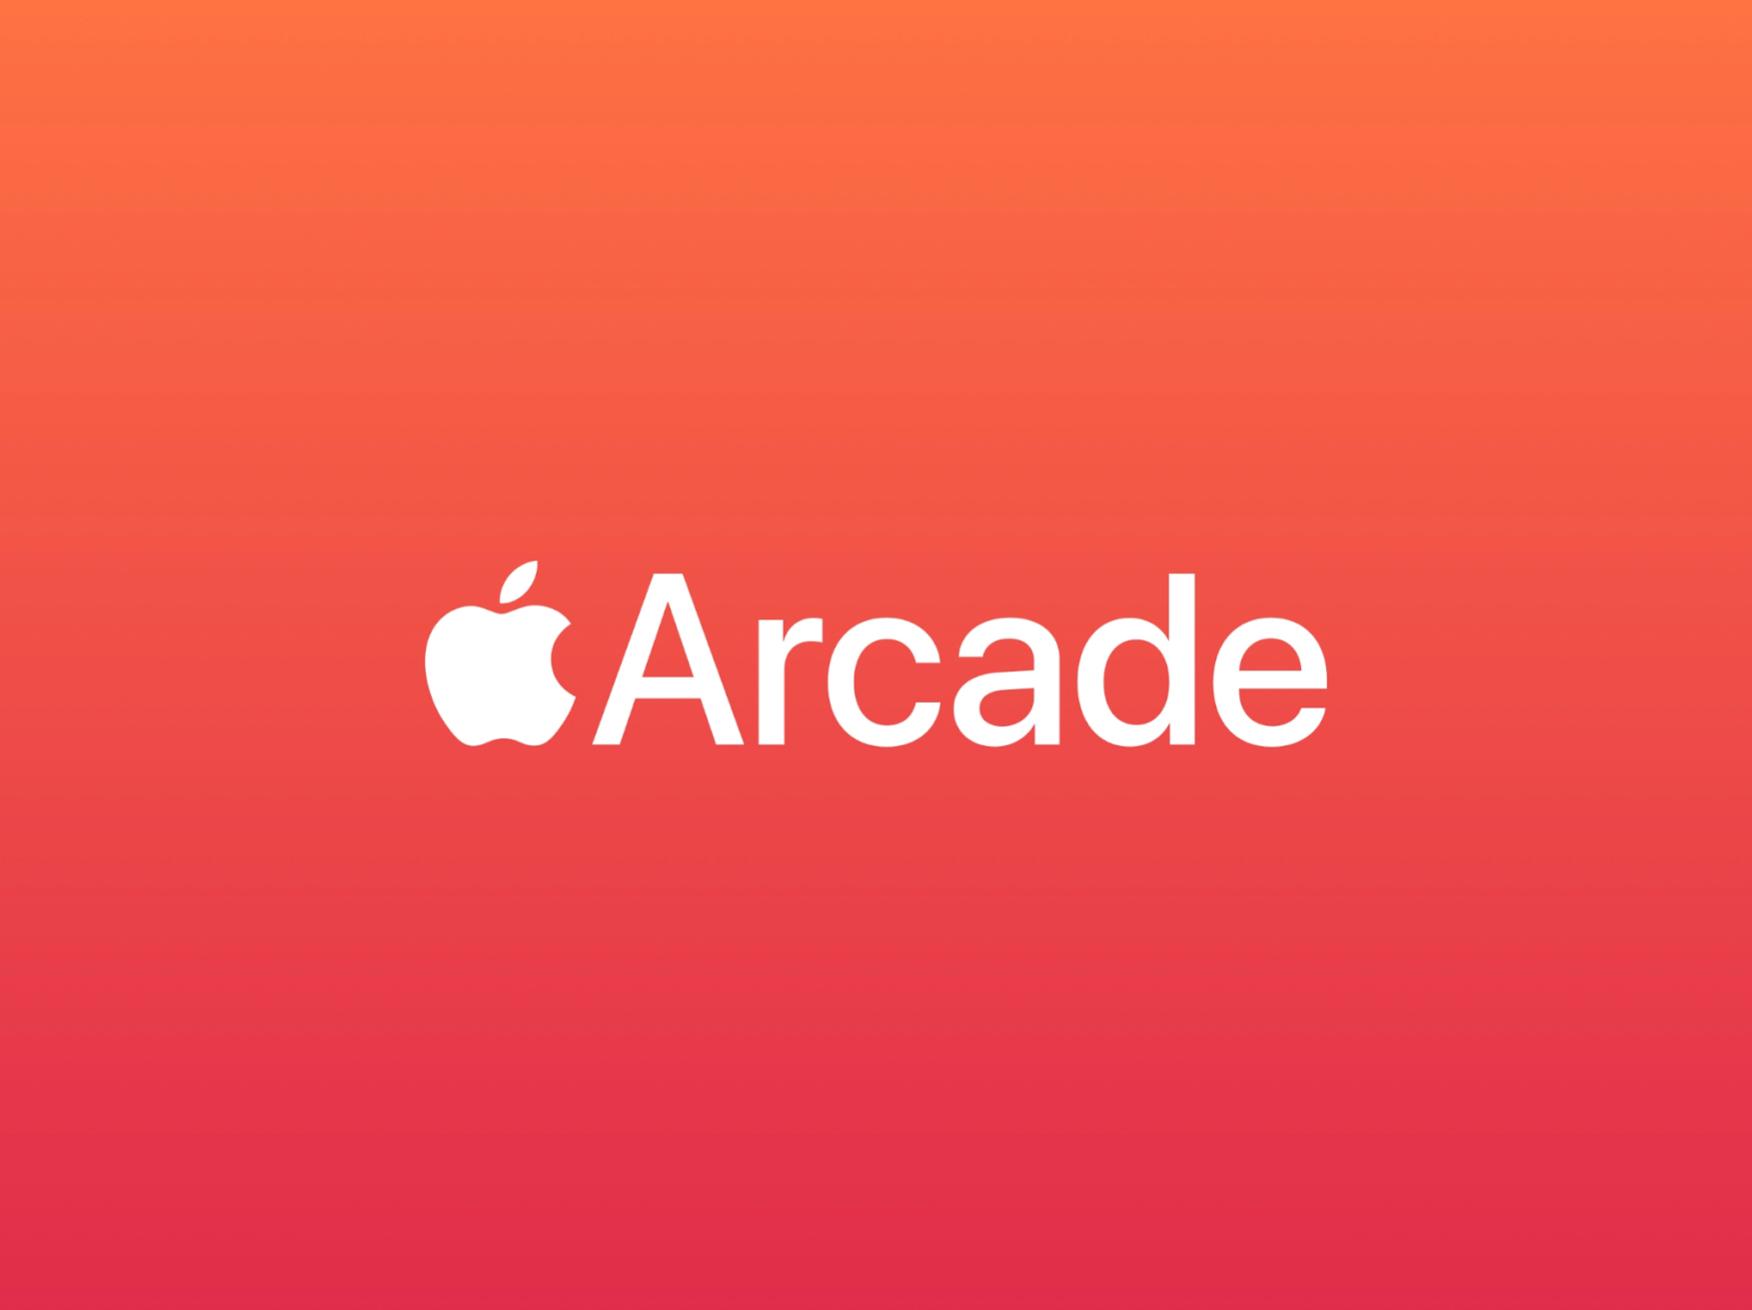 سرویس اپل ارکید چیست؟ بررسی apple arcade در سال 2020